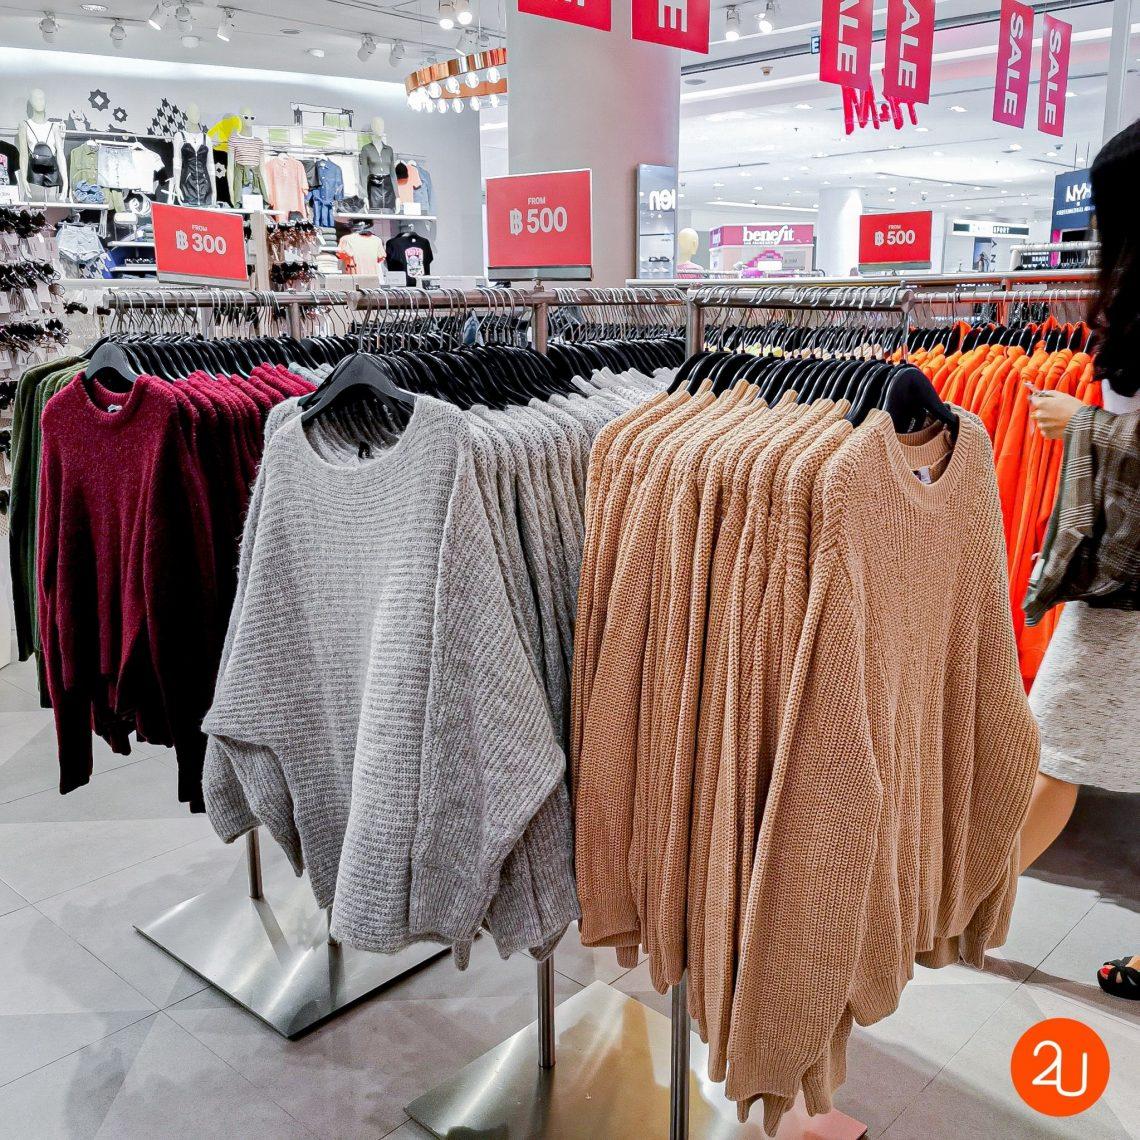 Promotion H&M MID SEASON sale 50